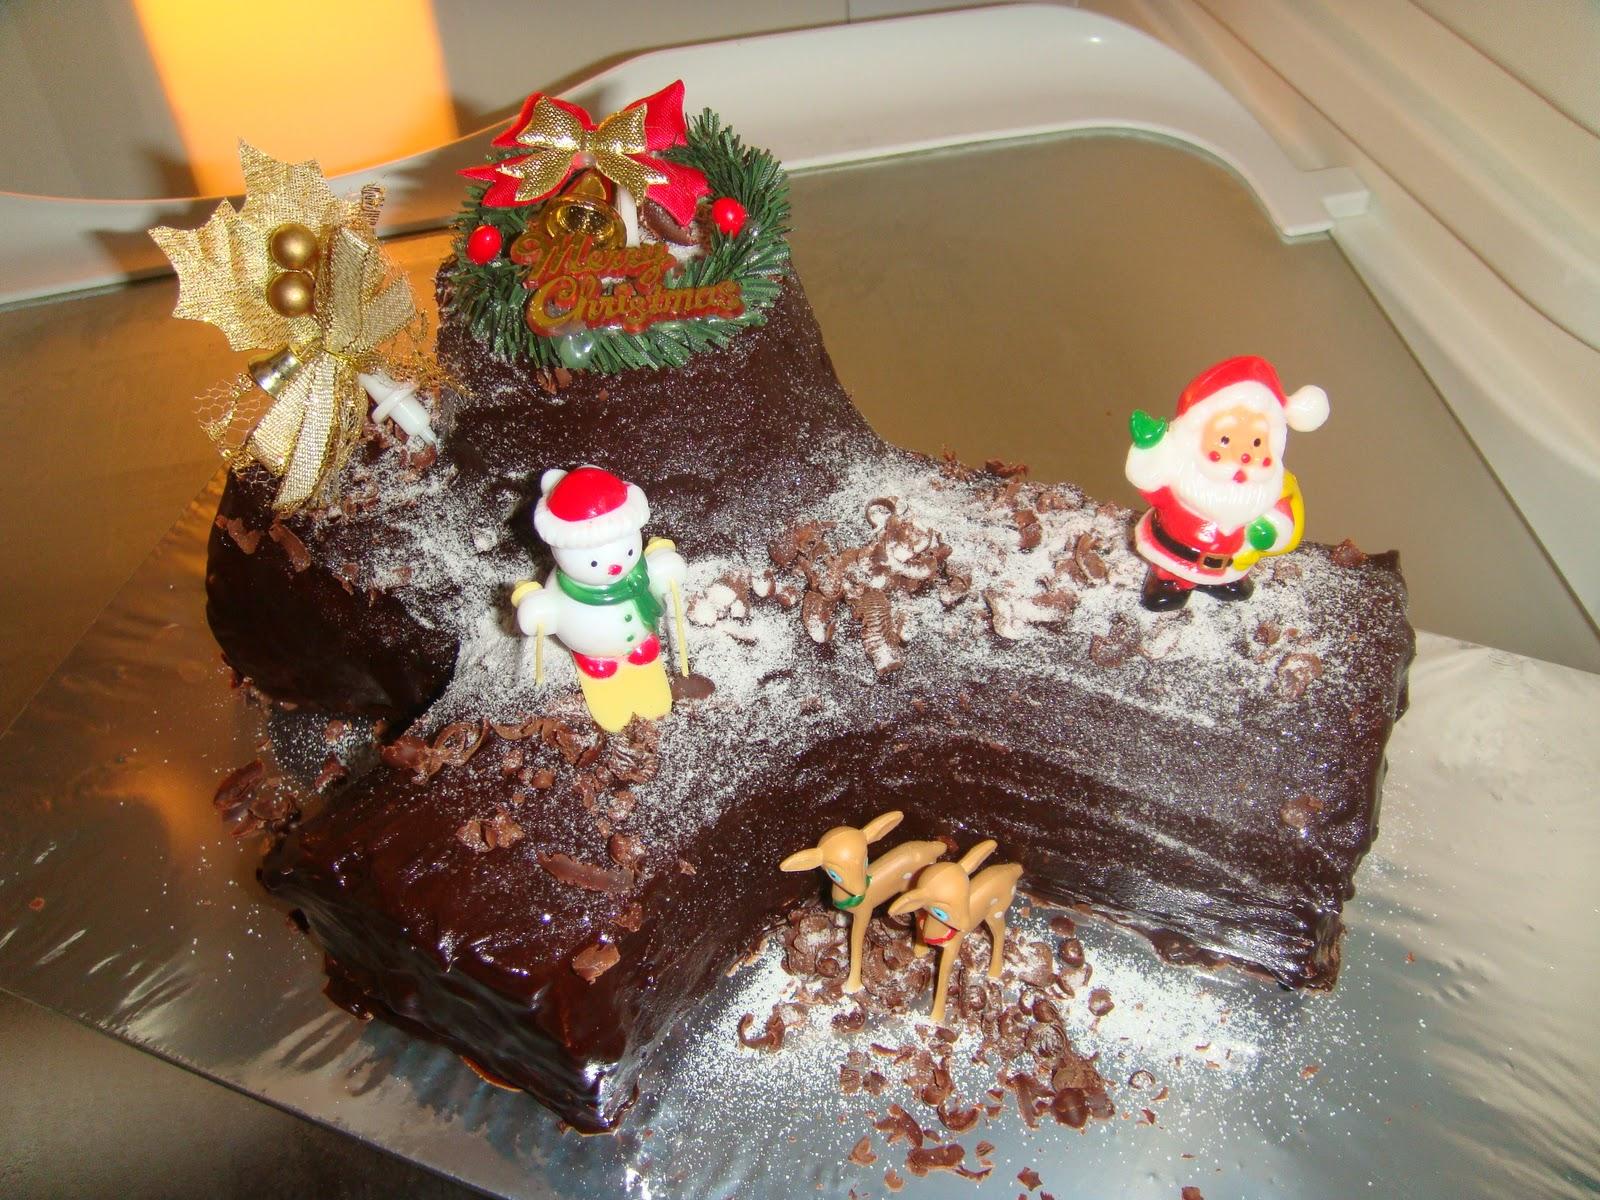 Yummy Baking Christmas Blueberry Chocolate Log Cake Y2010